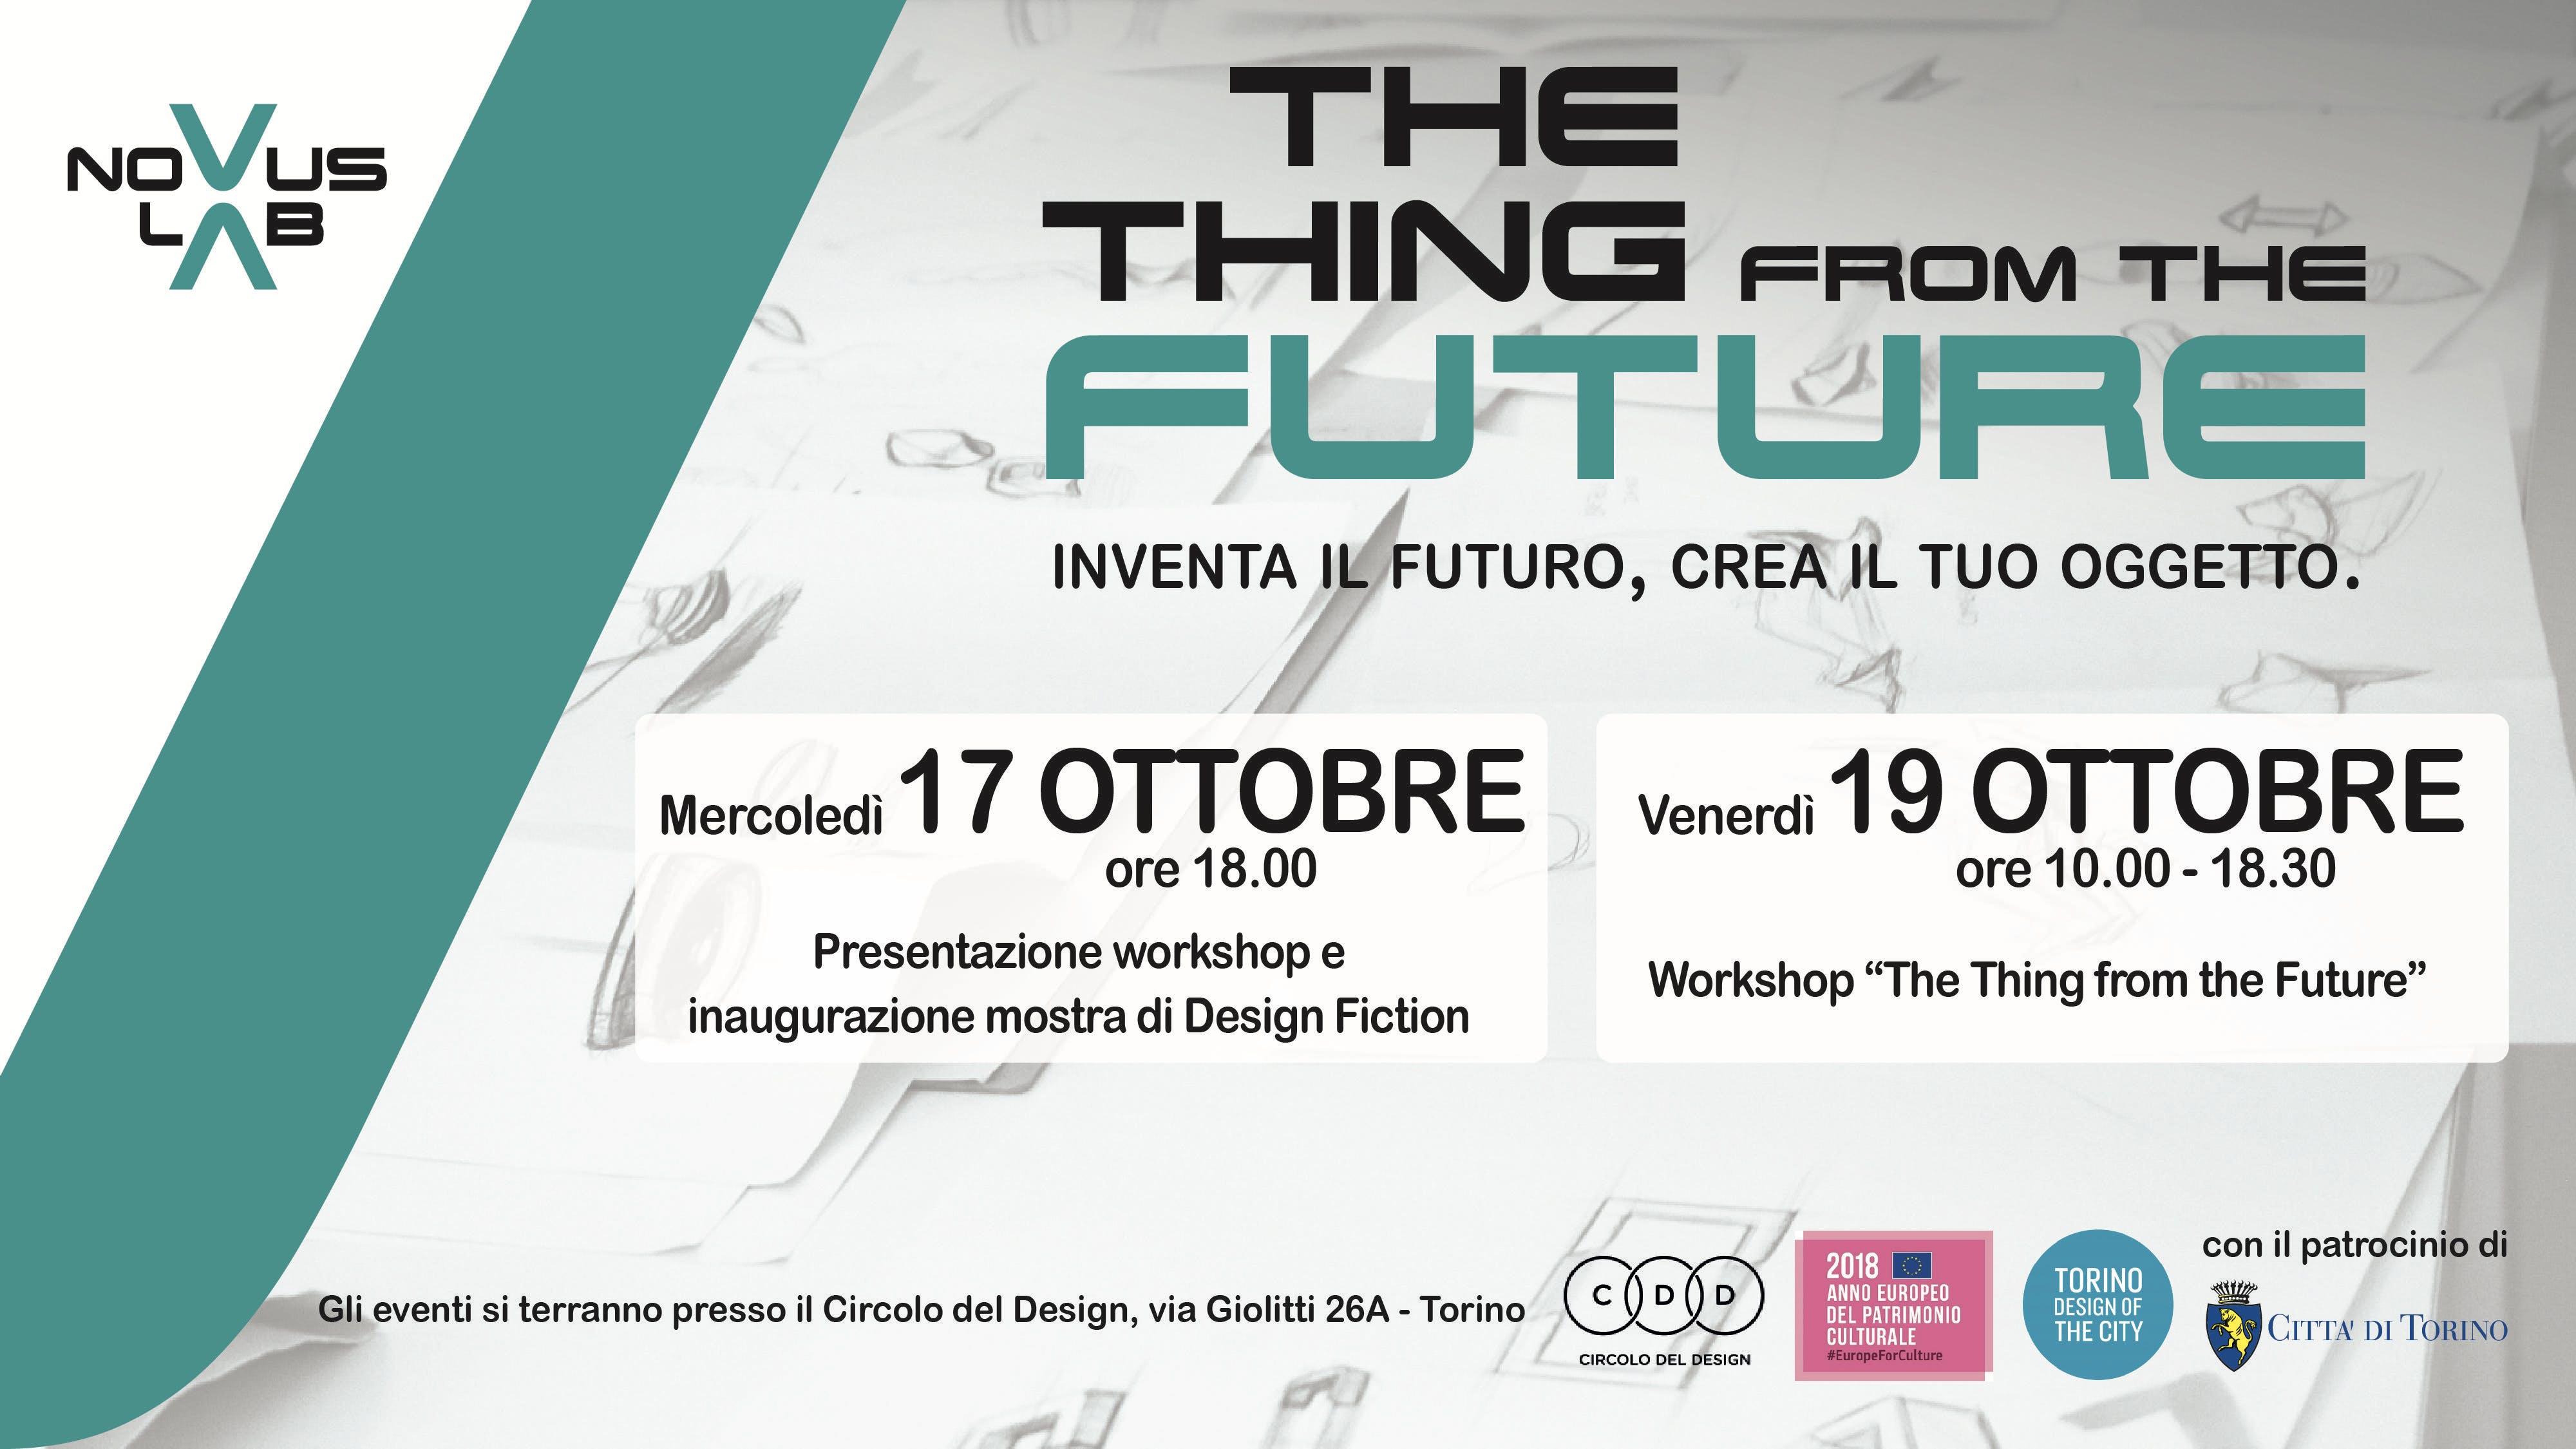 Il Design Fiction al Torino Design of the Cit